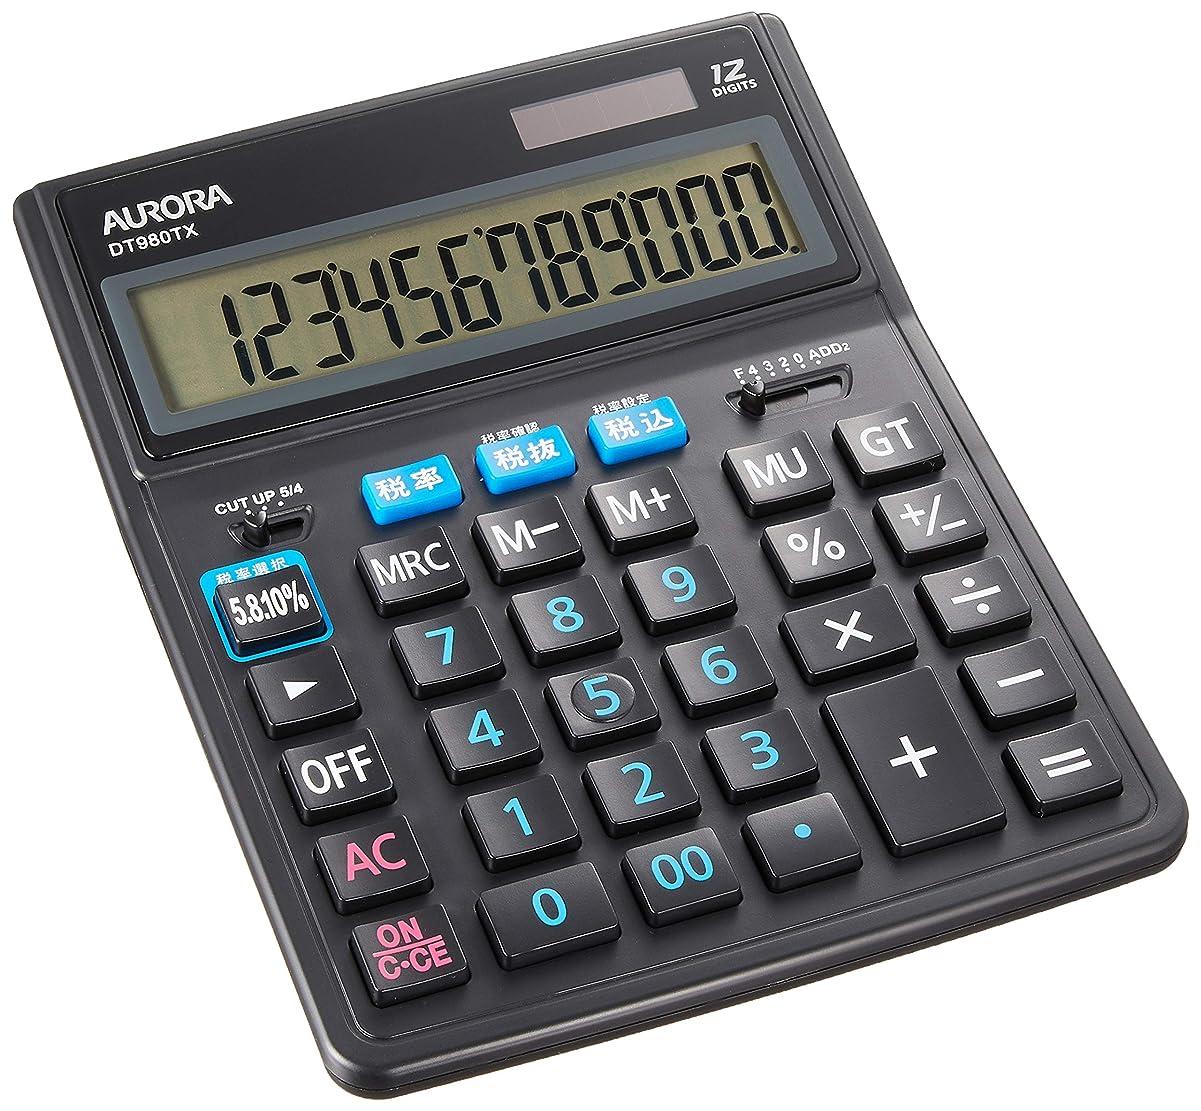 拮抗するクレタほとんどの場合オーロラジャパン 卓上大型 電卓 12桁表示 税率切替ボタン付 ブラック DT980TX-B